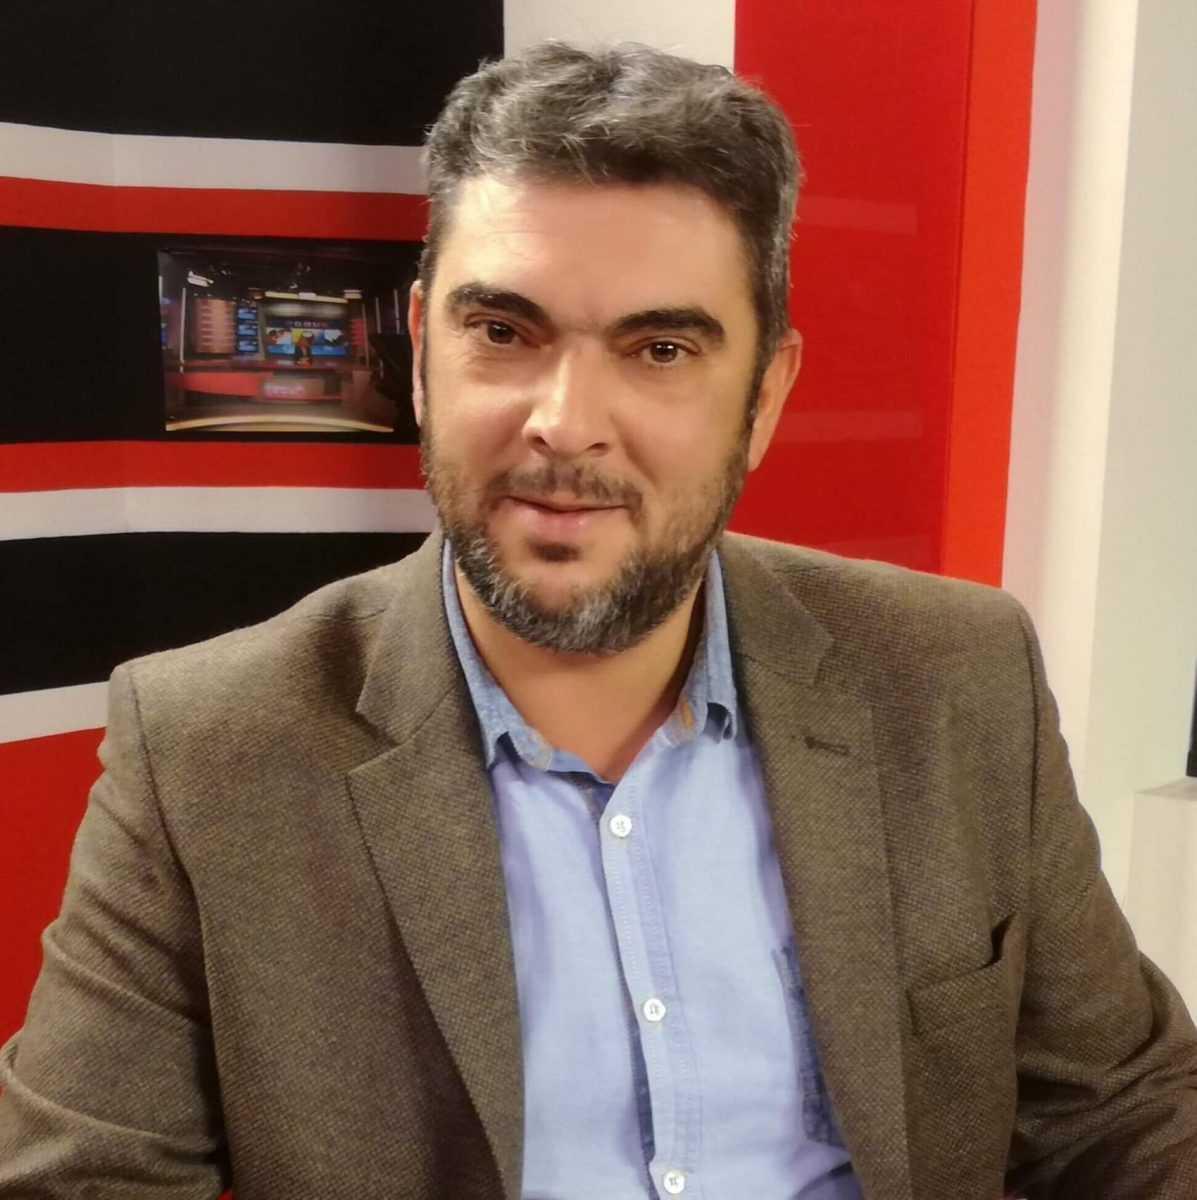 Επερώτηση του Π.Σ.του συνδυασμού «ΕΛΠΙΔΑ» Γρηγόρη Γιαννόπουλου για την φιλοξενία μεταναστών στα Γρεβενά.